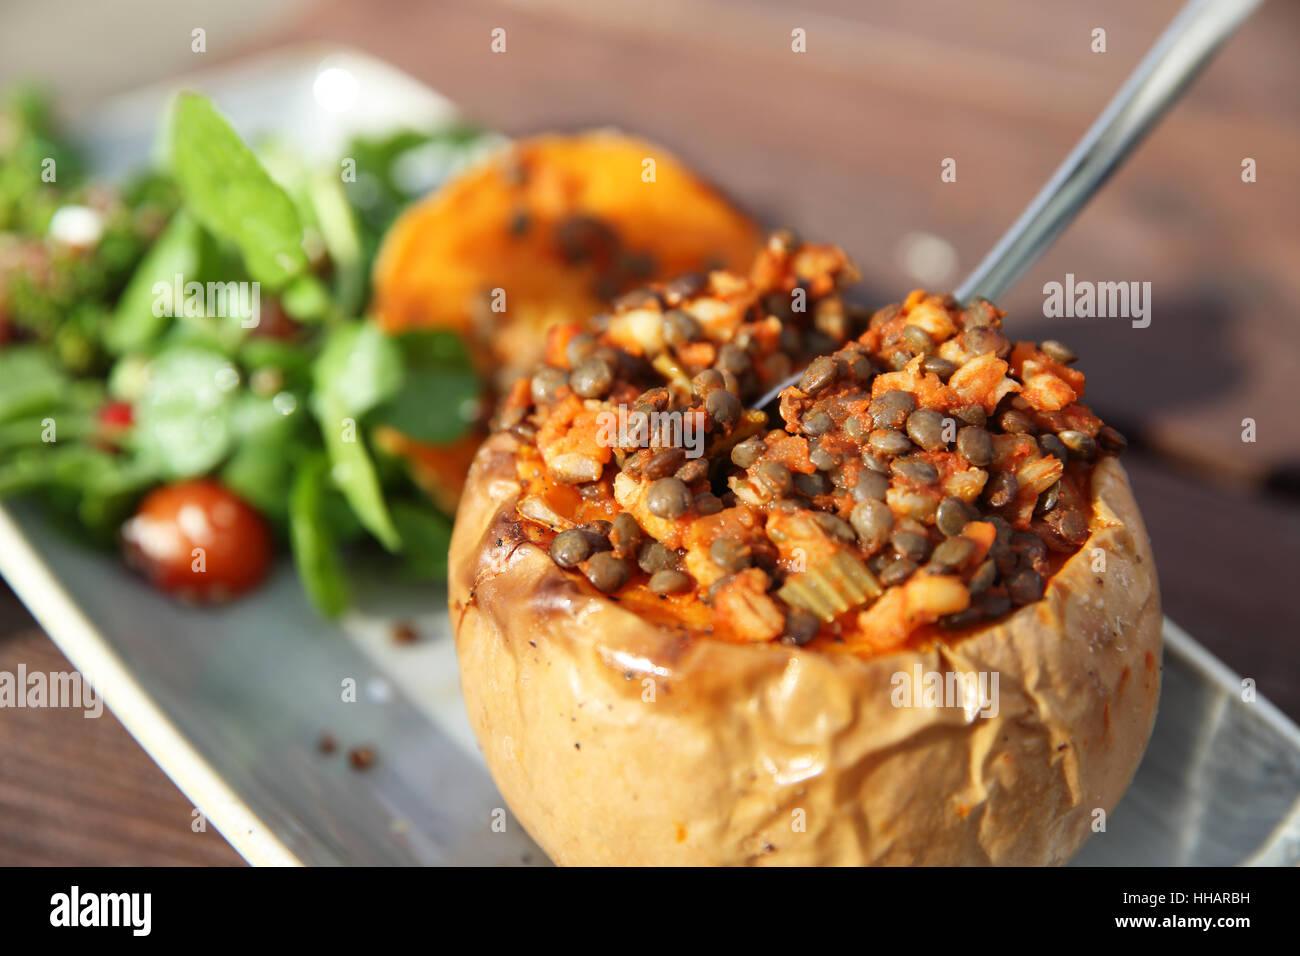 Wärmend und gesunden Herbst oder Herbst Mittag essen, Kürbis, Linsen und Salat, in England, UK Stockbild